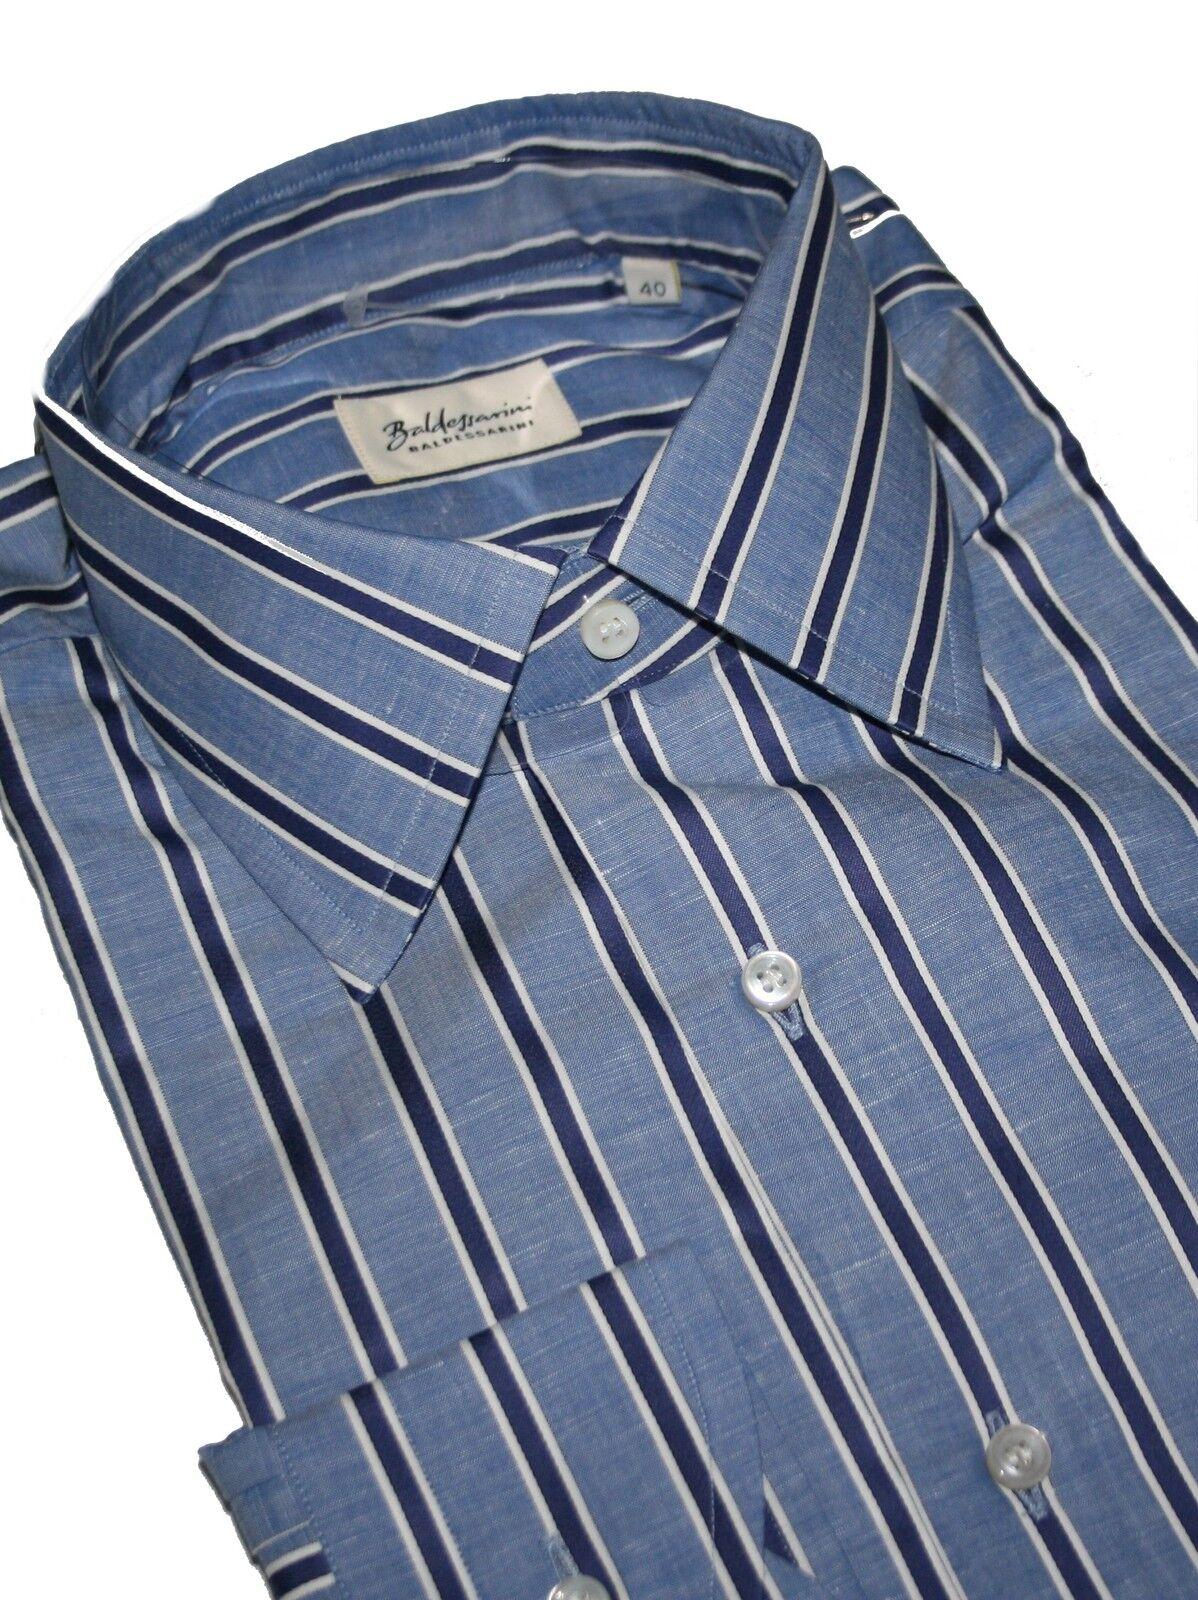 Baldessarini Firmato Camicia 7 Leinenmix- Camicia KW.40 con 30% Lino